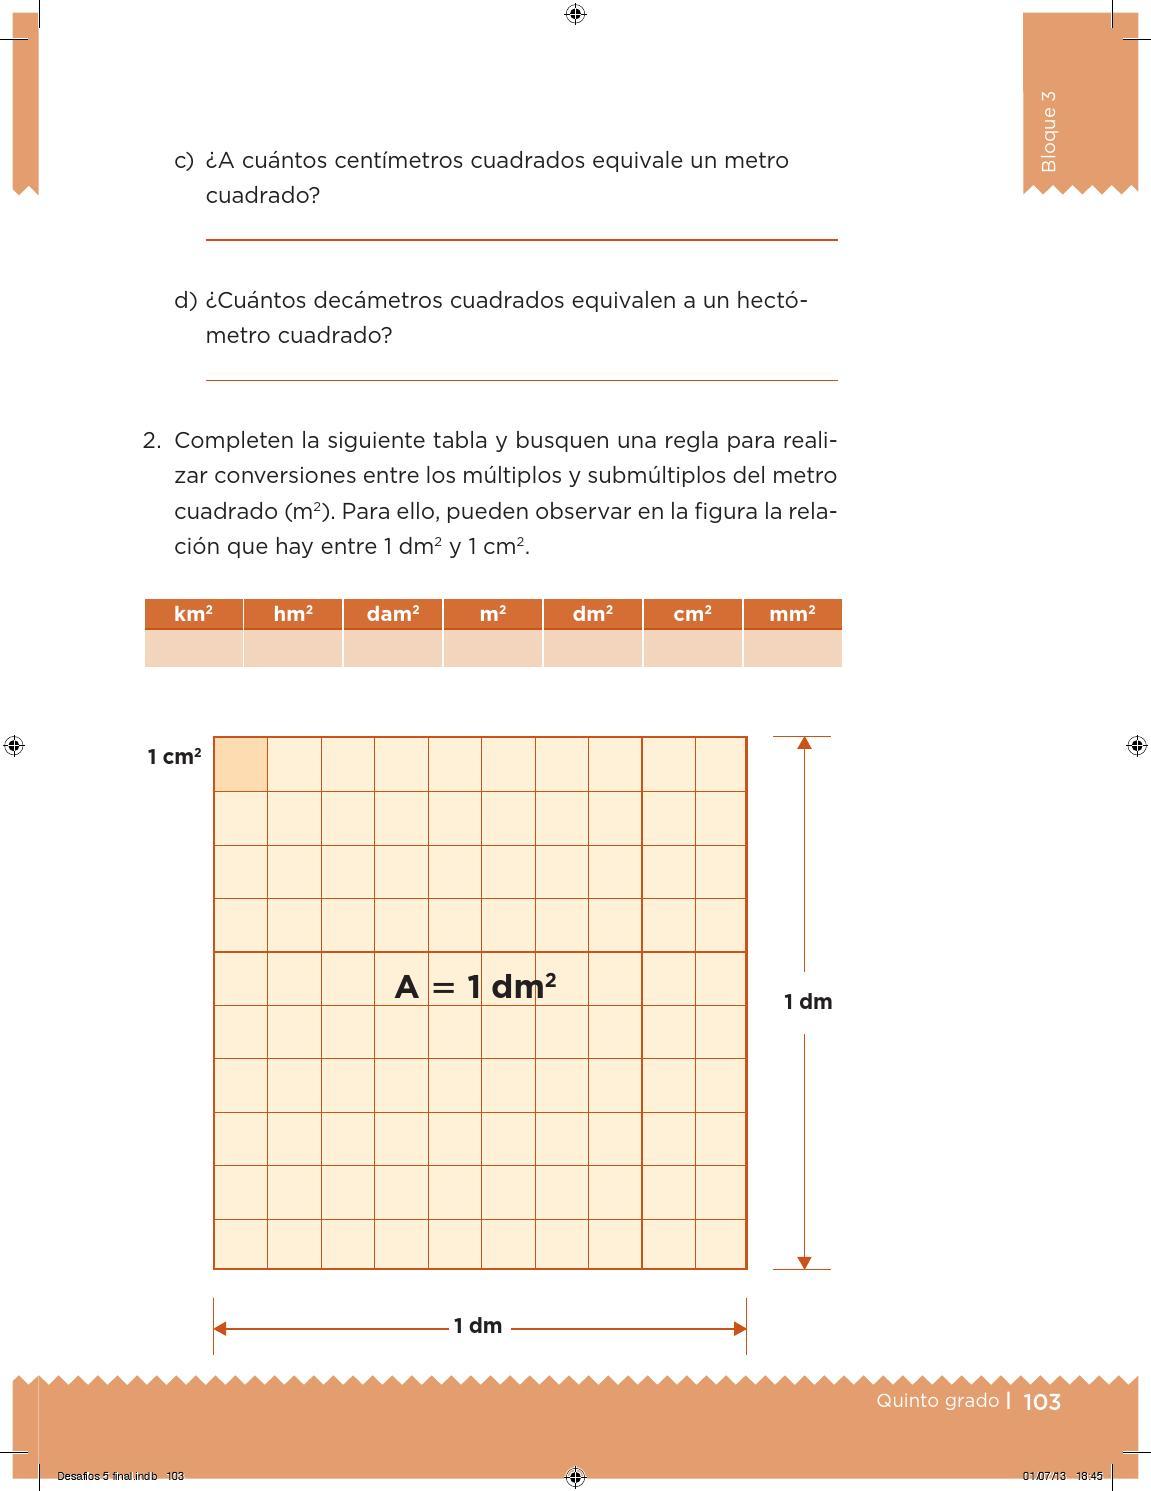 Desafios Matematicos Quinto Primaria Quinto Grado Alumnos By Gines